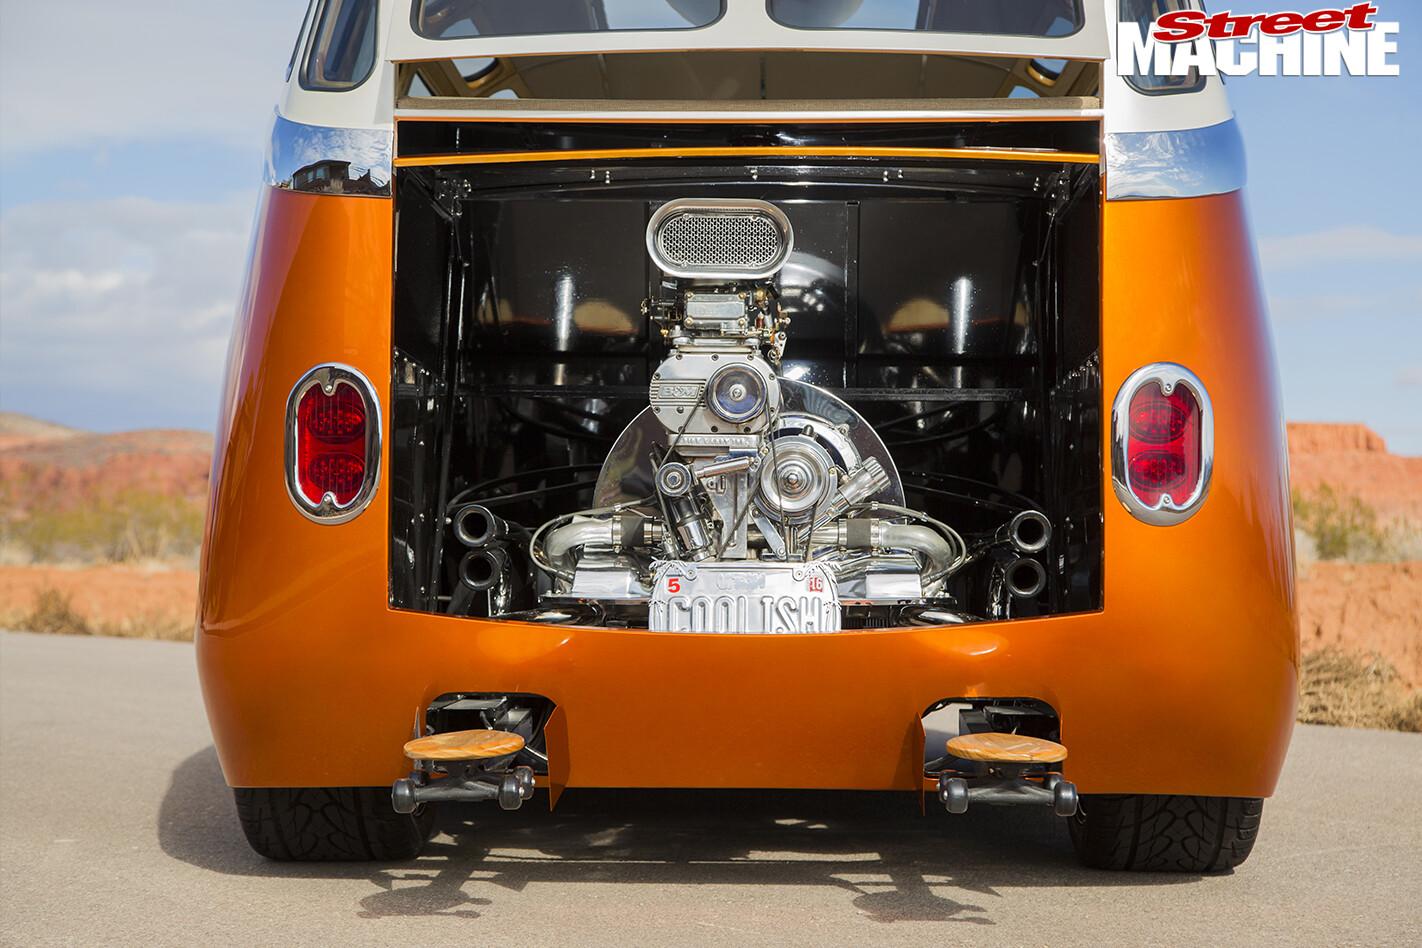 VW-Kombi -rear -door -open